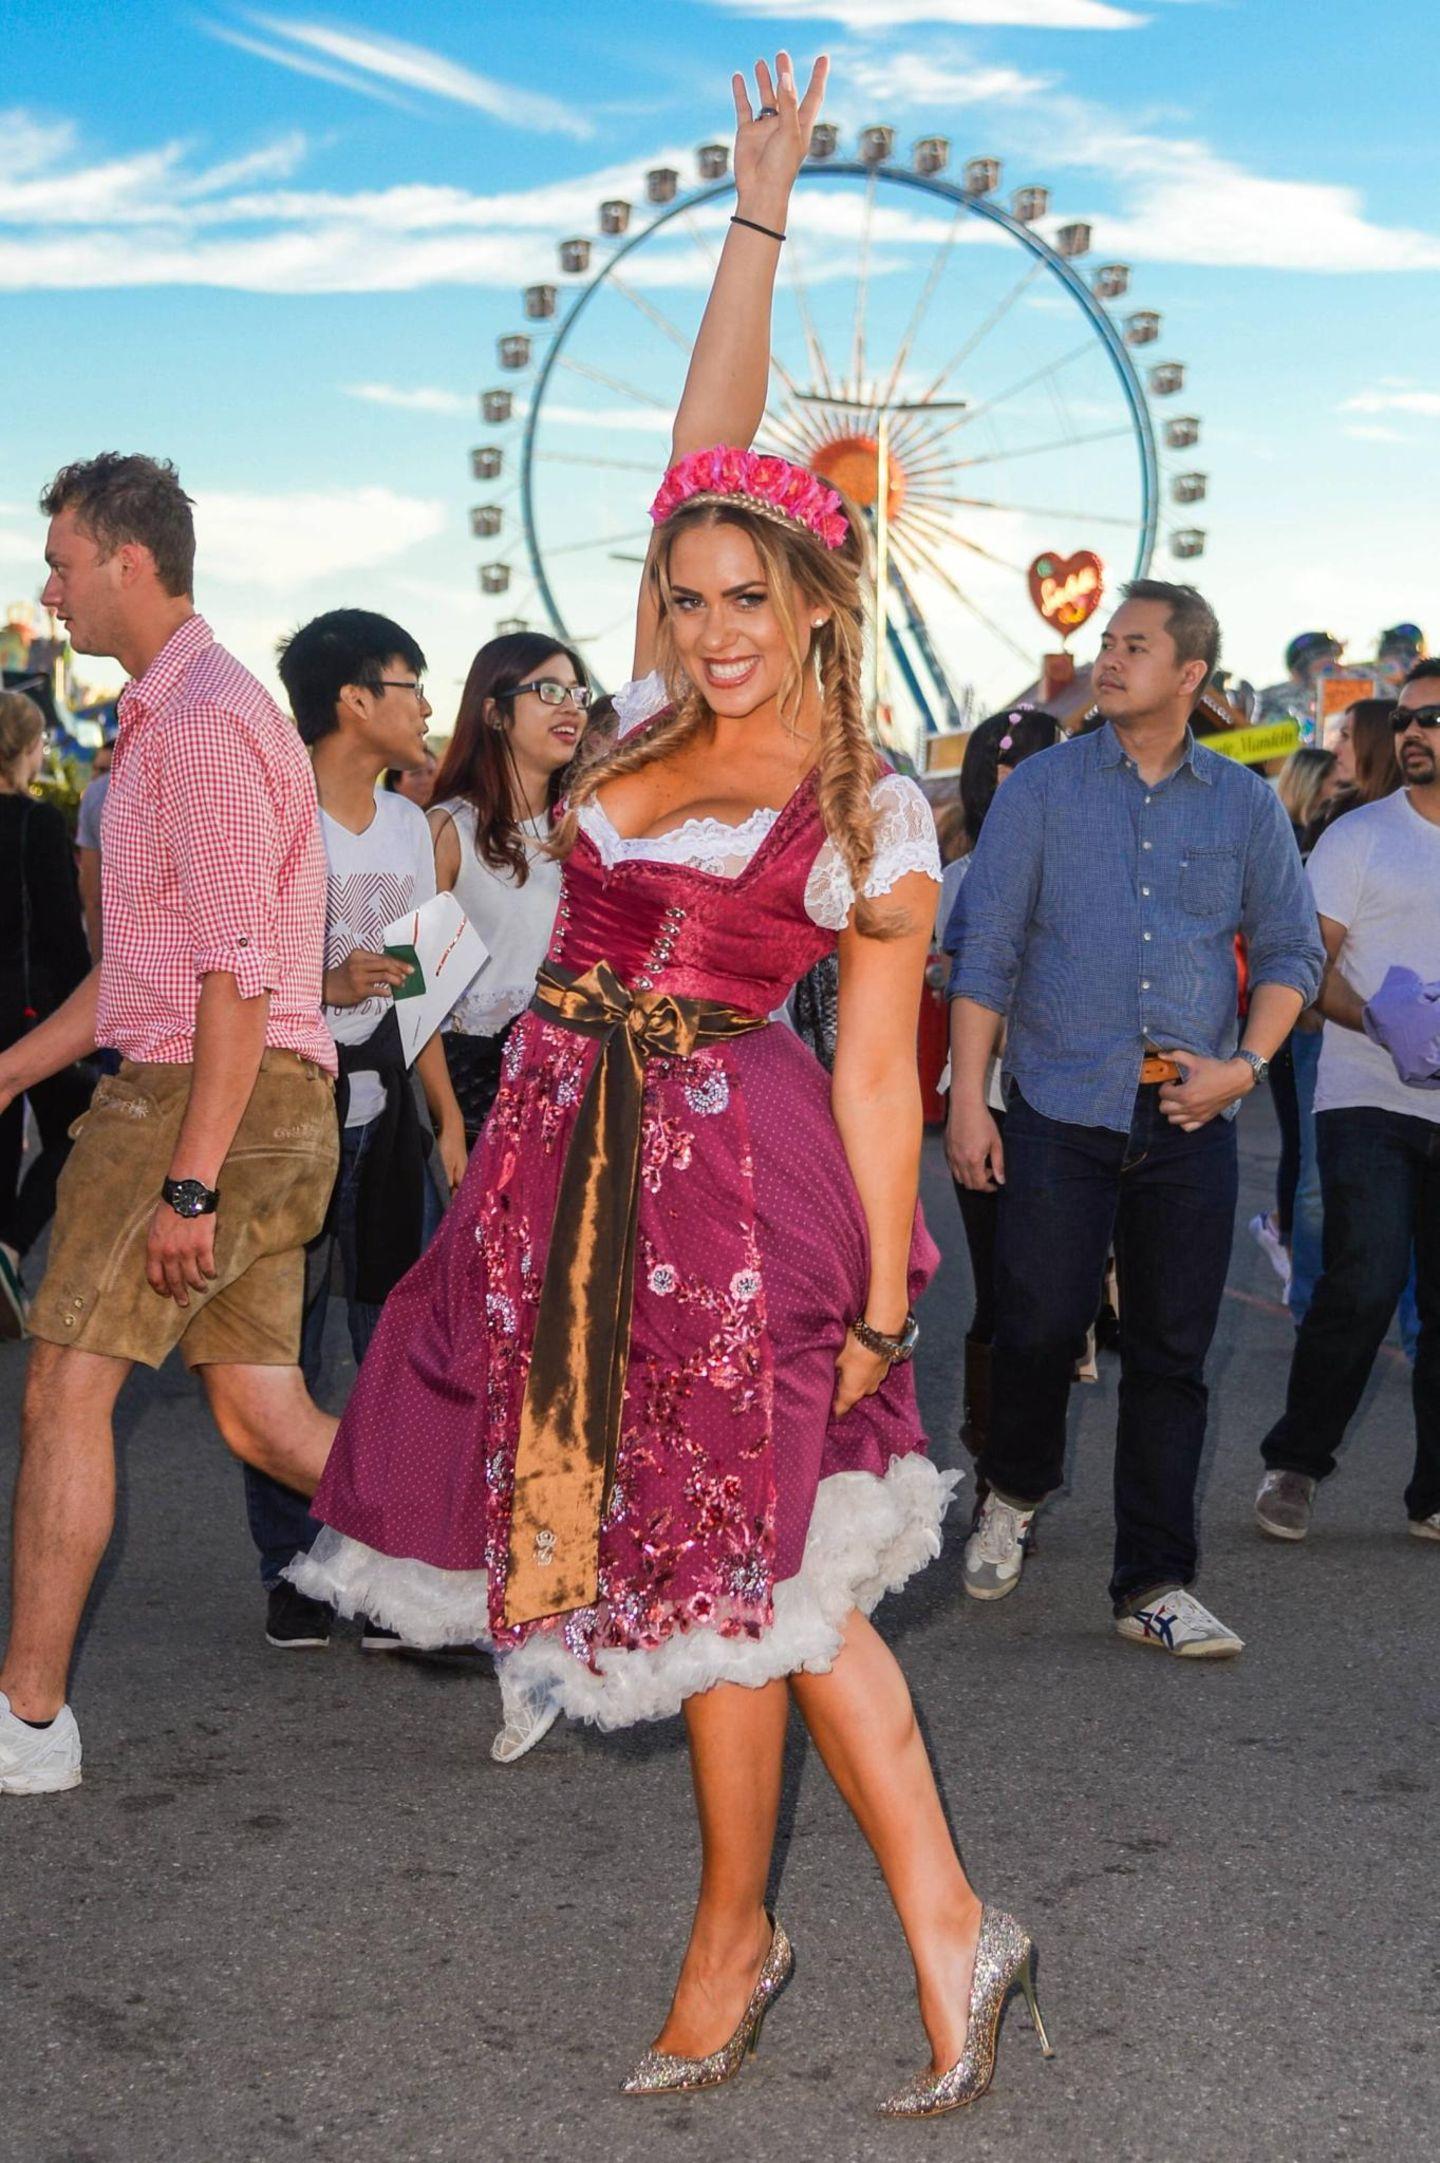 """""""Promi-Bigbrother""""-Star Jessica Paszka bei einem Wiesnrundgang auf dem Oktoberfest in München."""